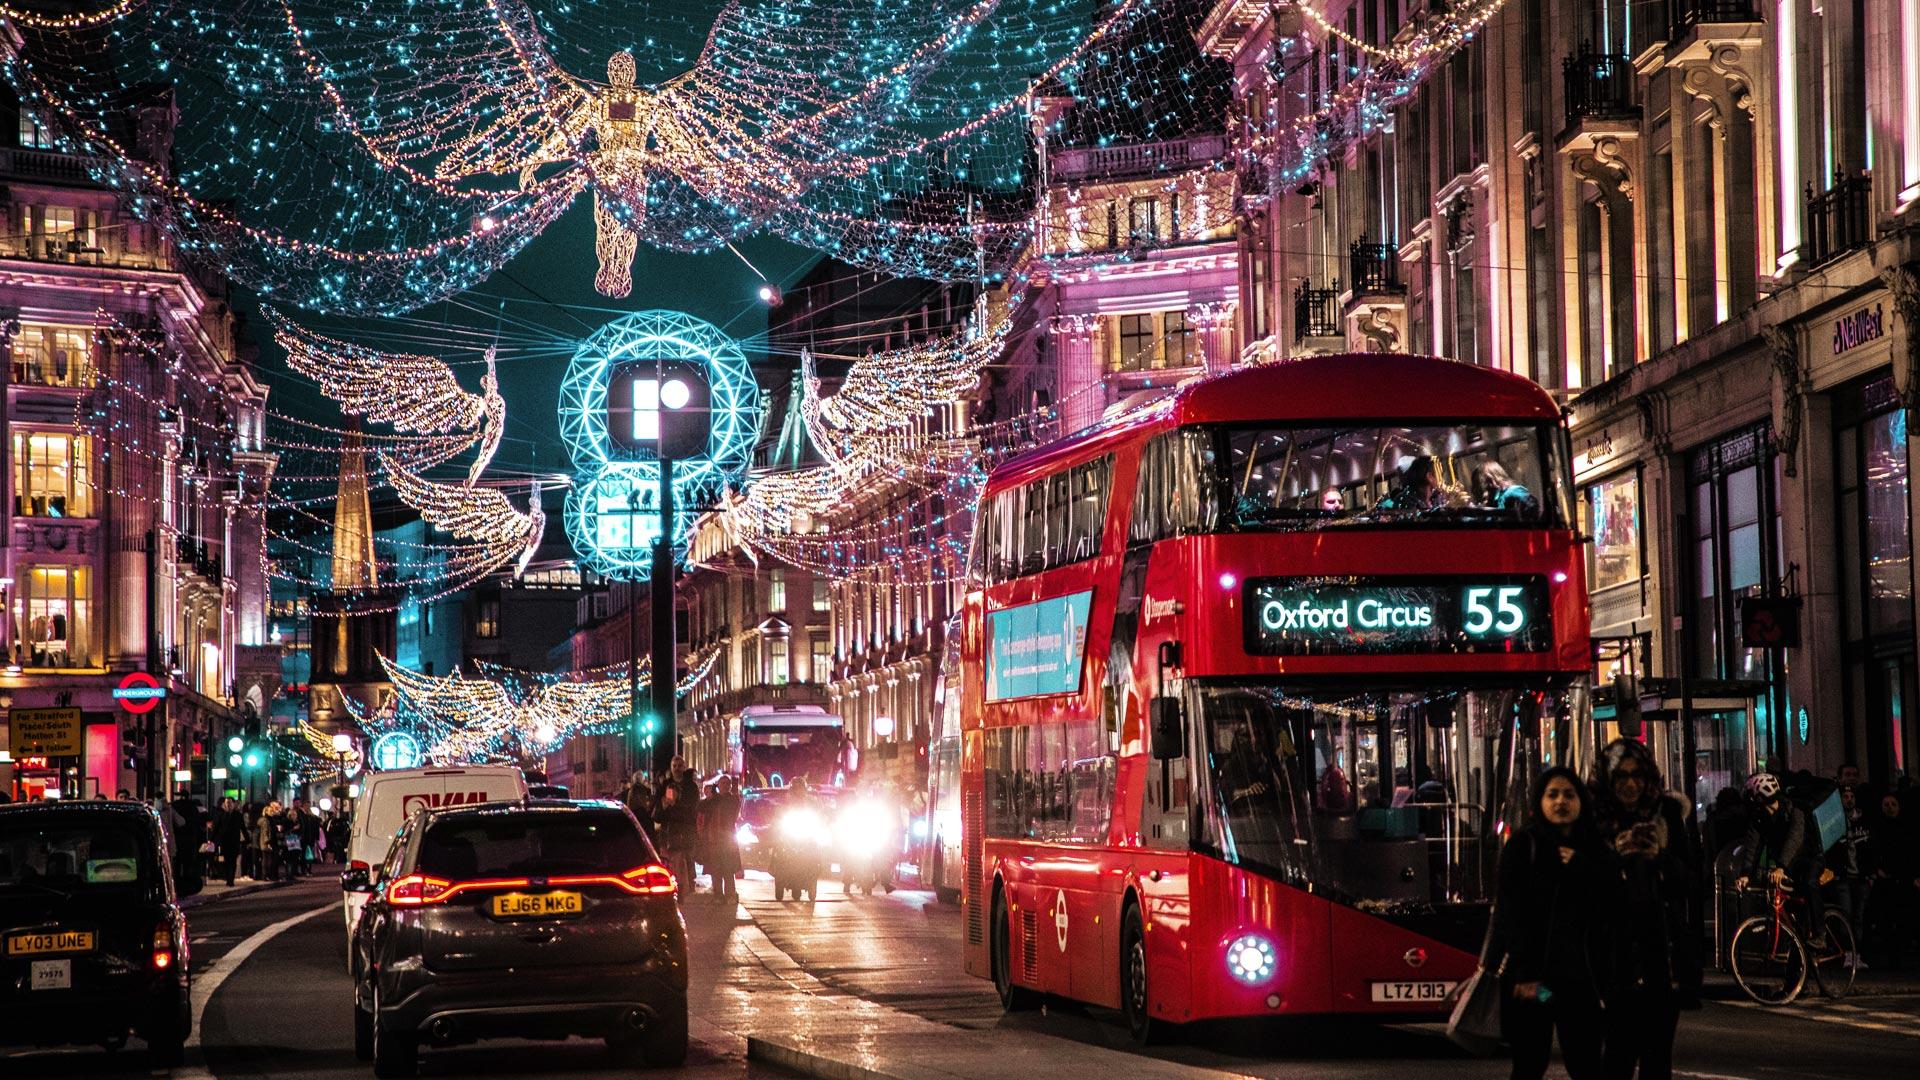 33 ciekawostki o Londynie. Fakty, informacje, z czego słynie